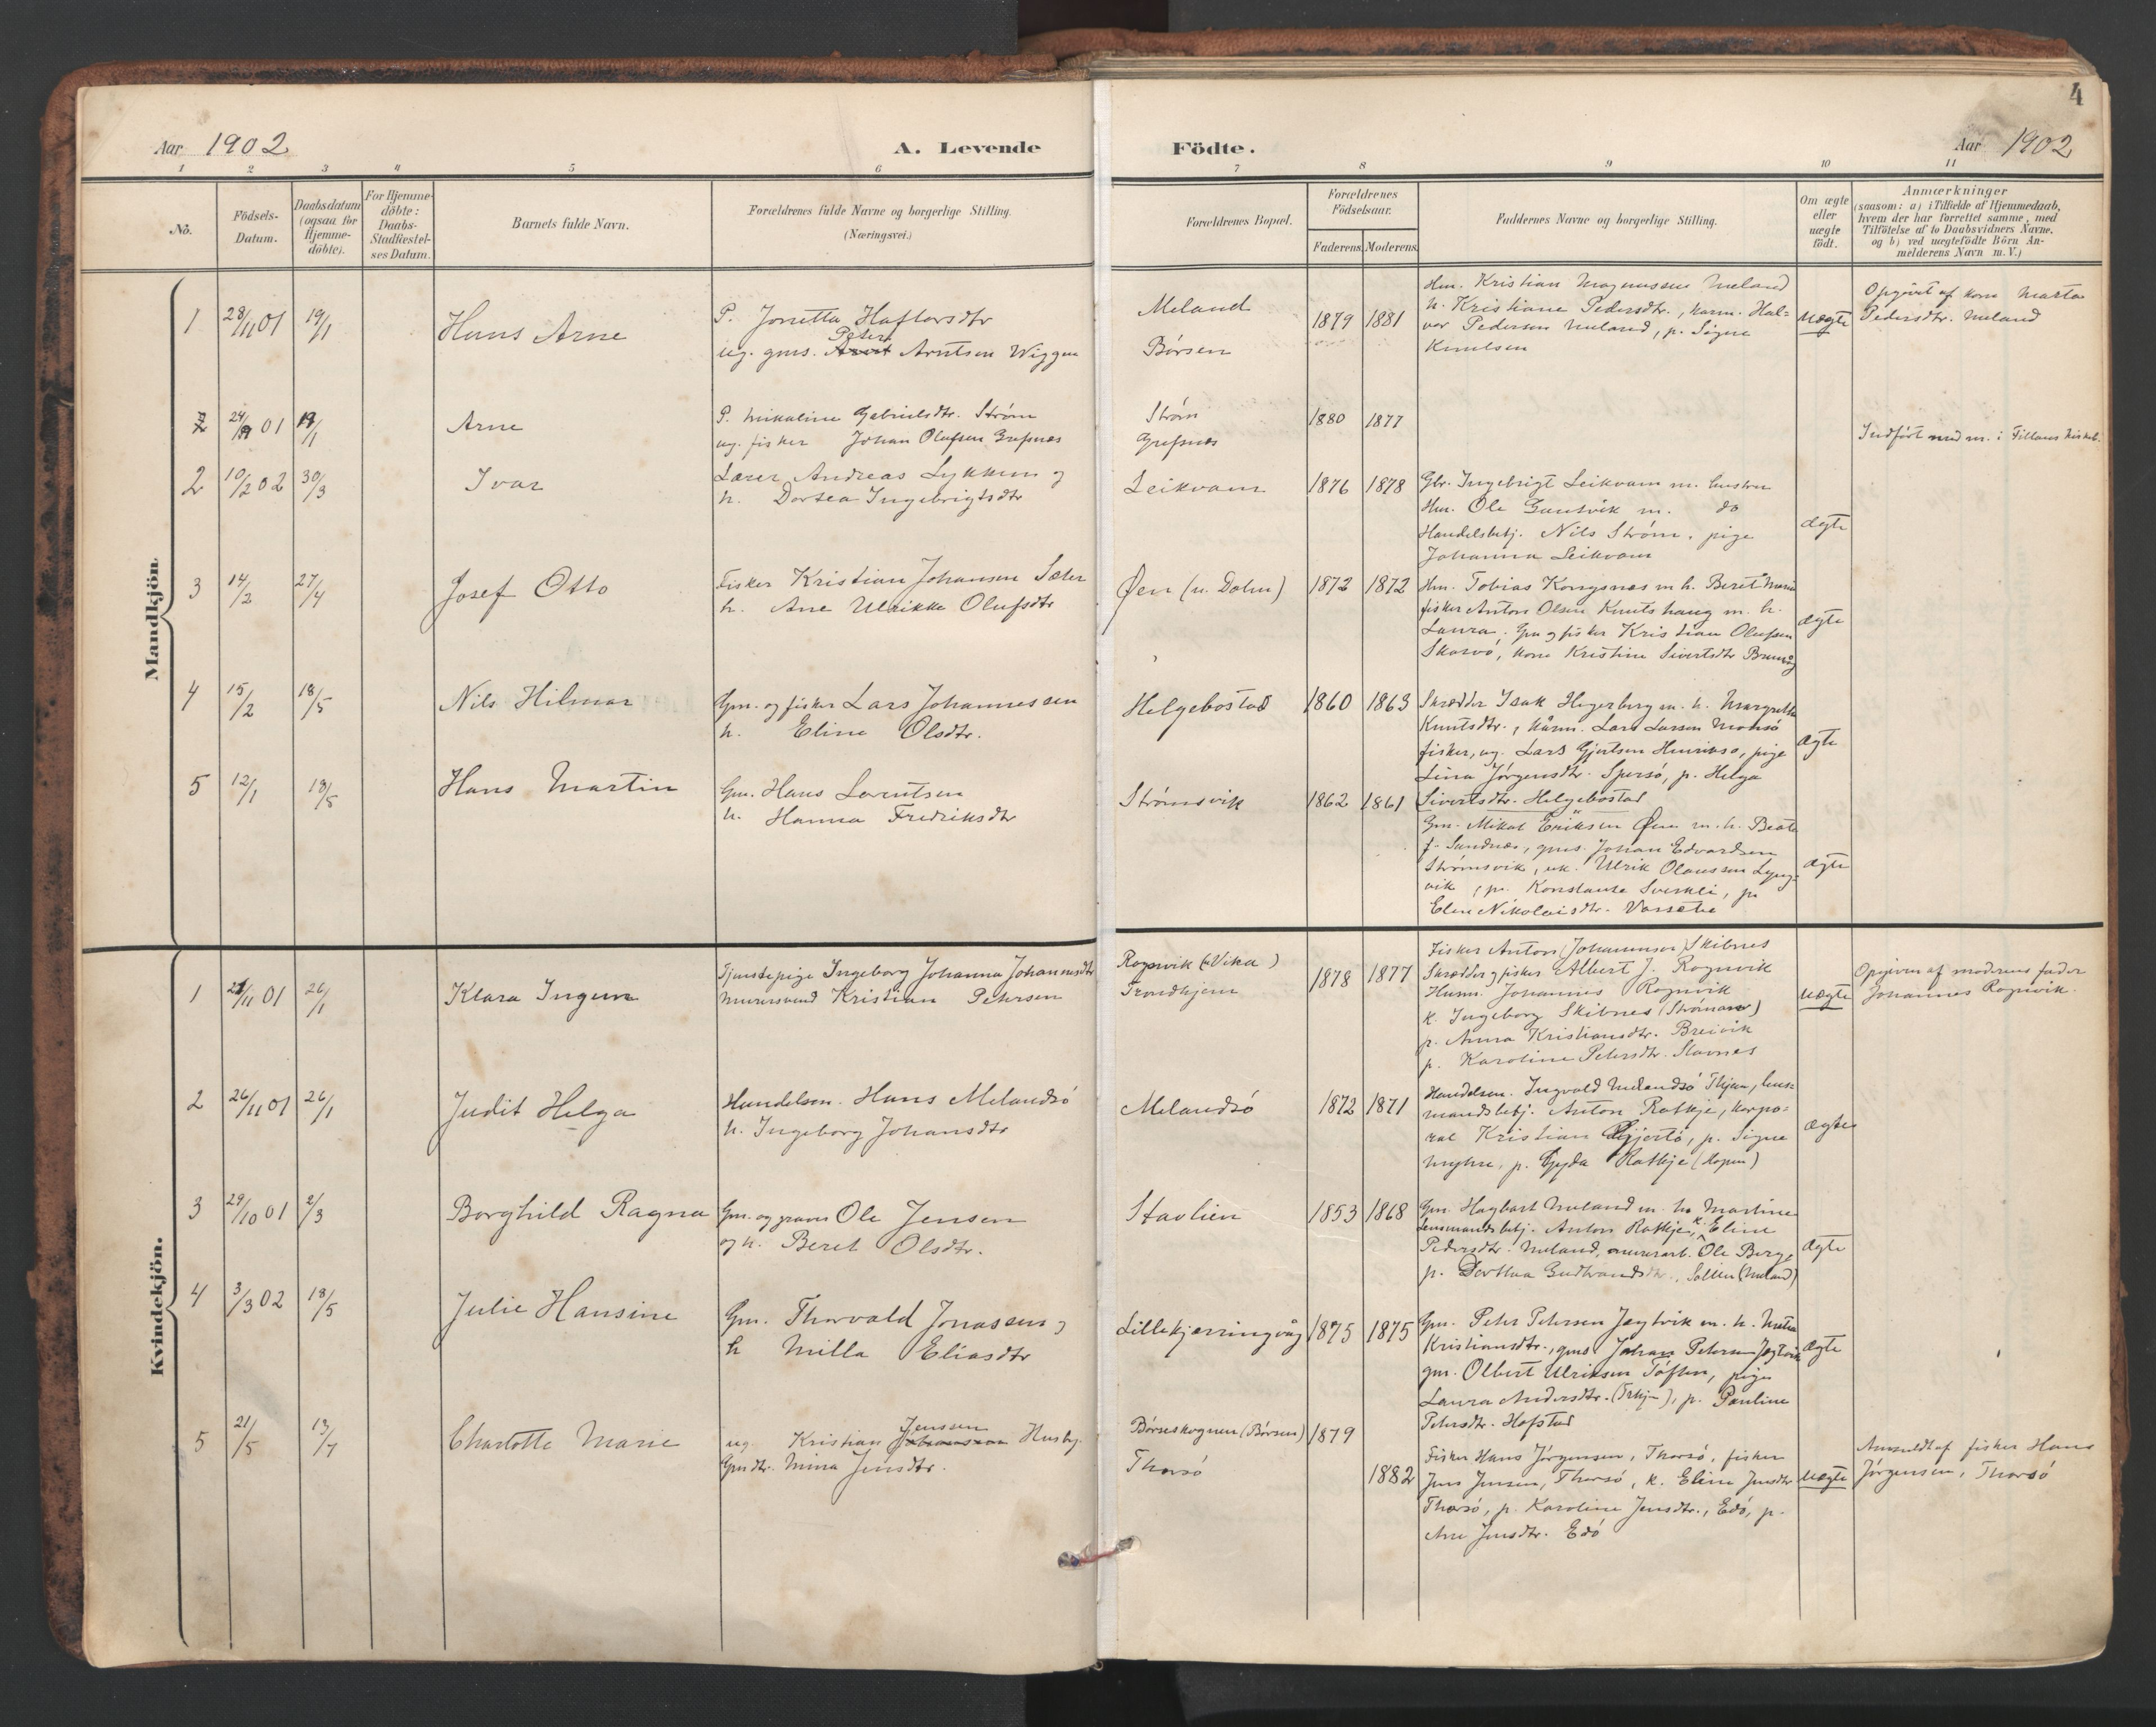 SAT, Ministerialprotokoller, klokkerbøker og fødselsregistre - Sør-Trøndelag, 634/L0537: Ministerialbok nr. 634A13, 1896-1922, s. 4